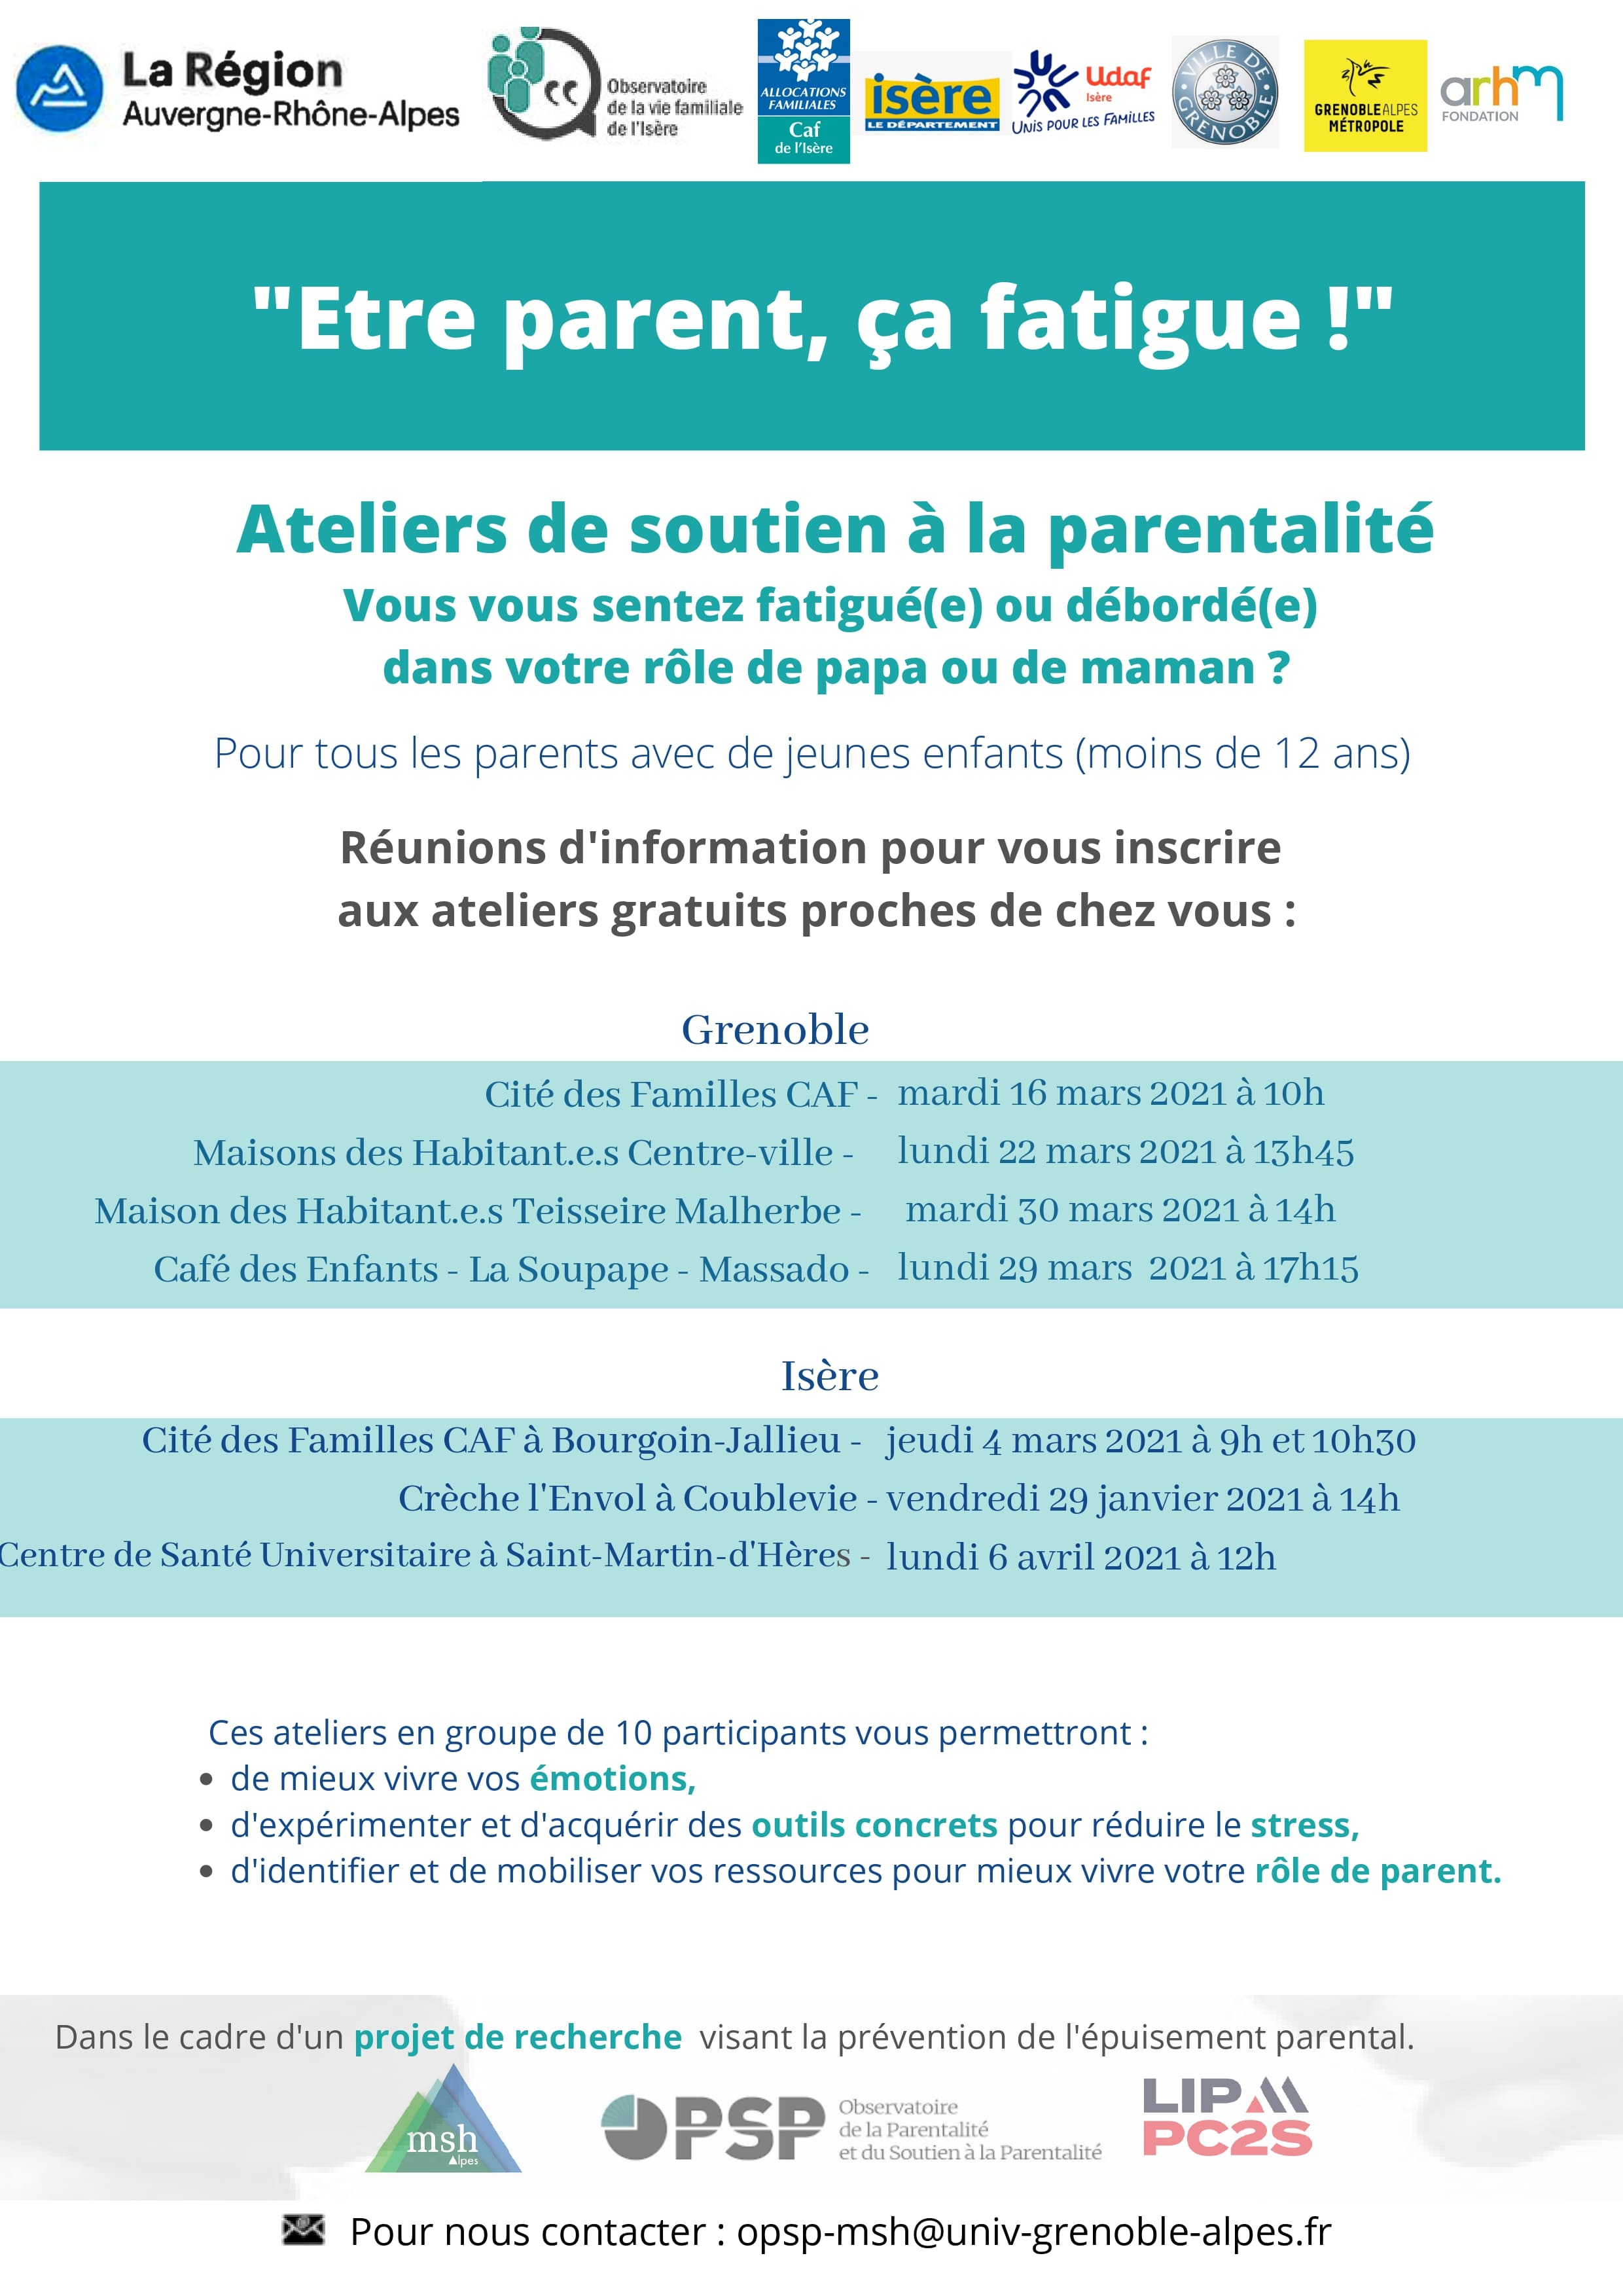 affiche_2021_ateliers_de_soutien_a_la_parentalite_reunion_info_isere.jpg